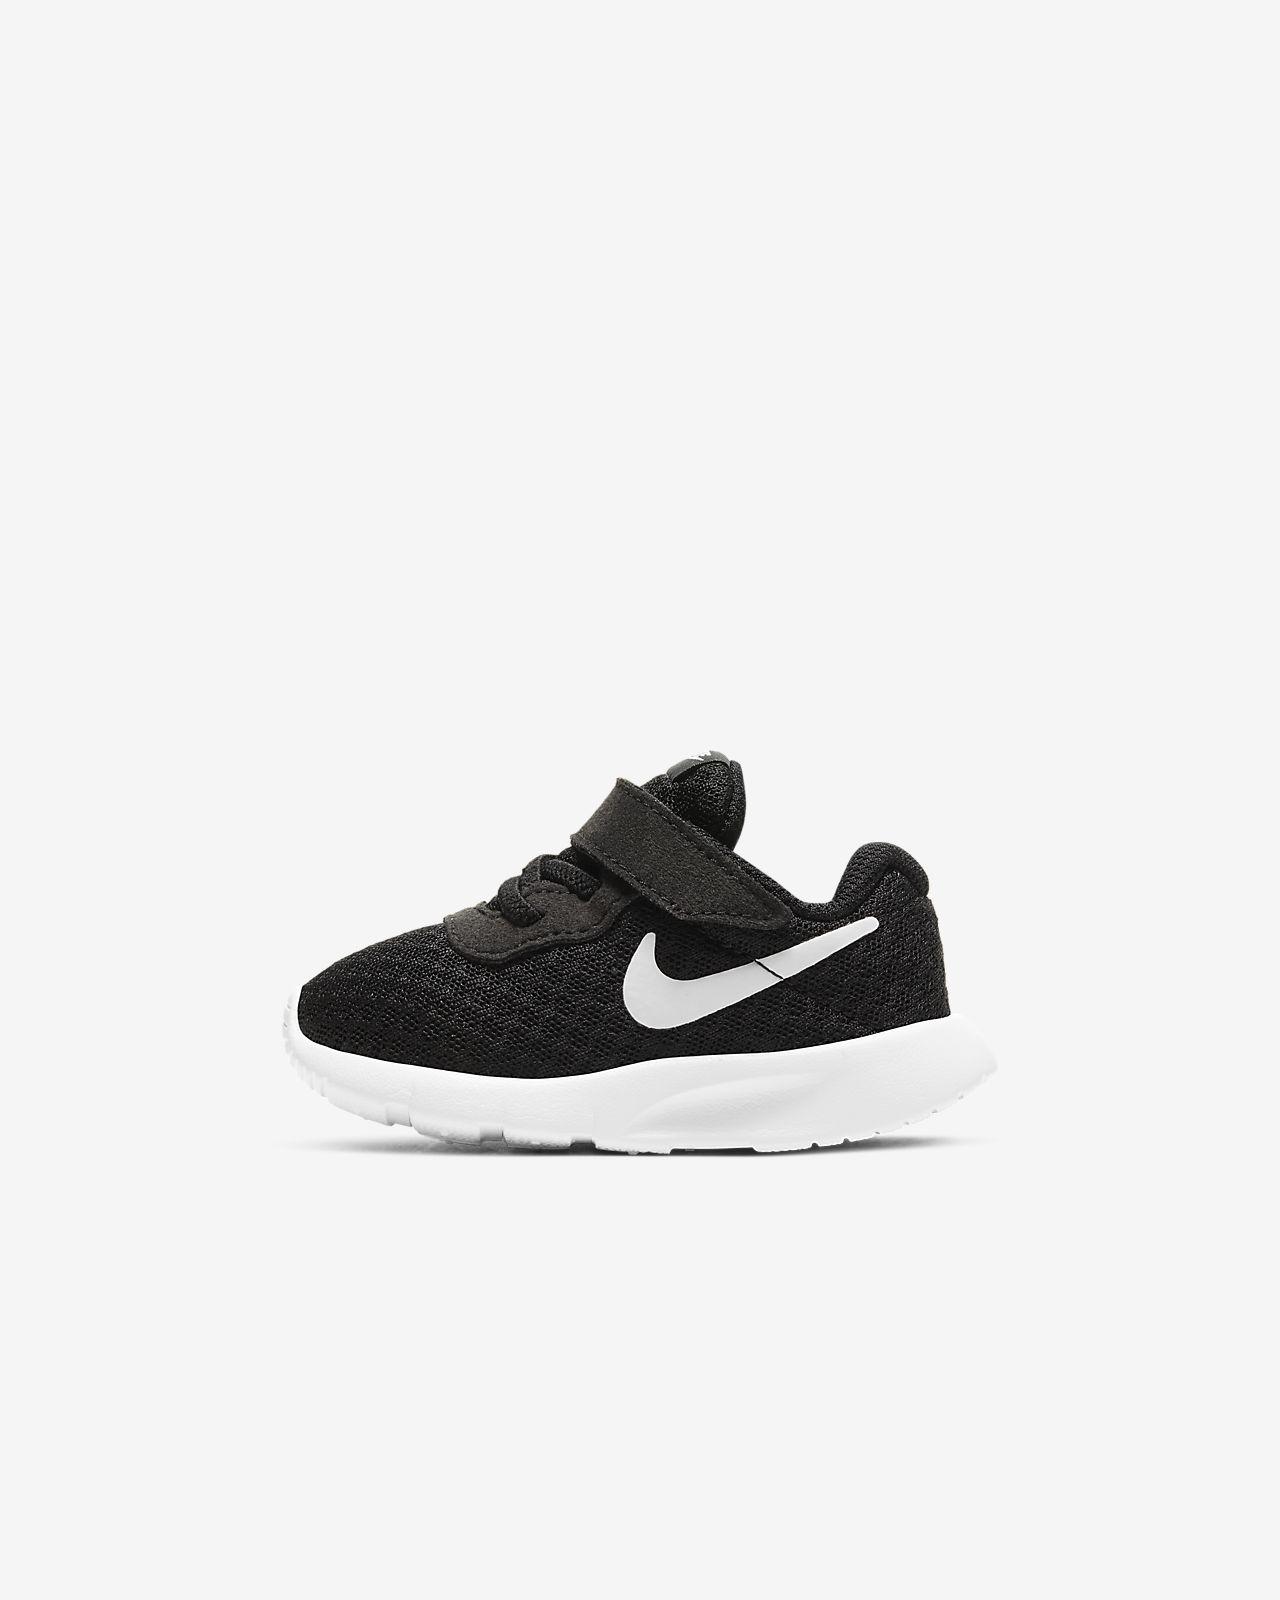 Παπούτσι για βρέφηνήπια Nike Tanjun (17 27)